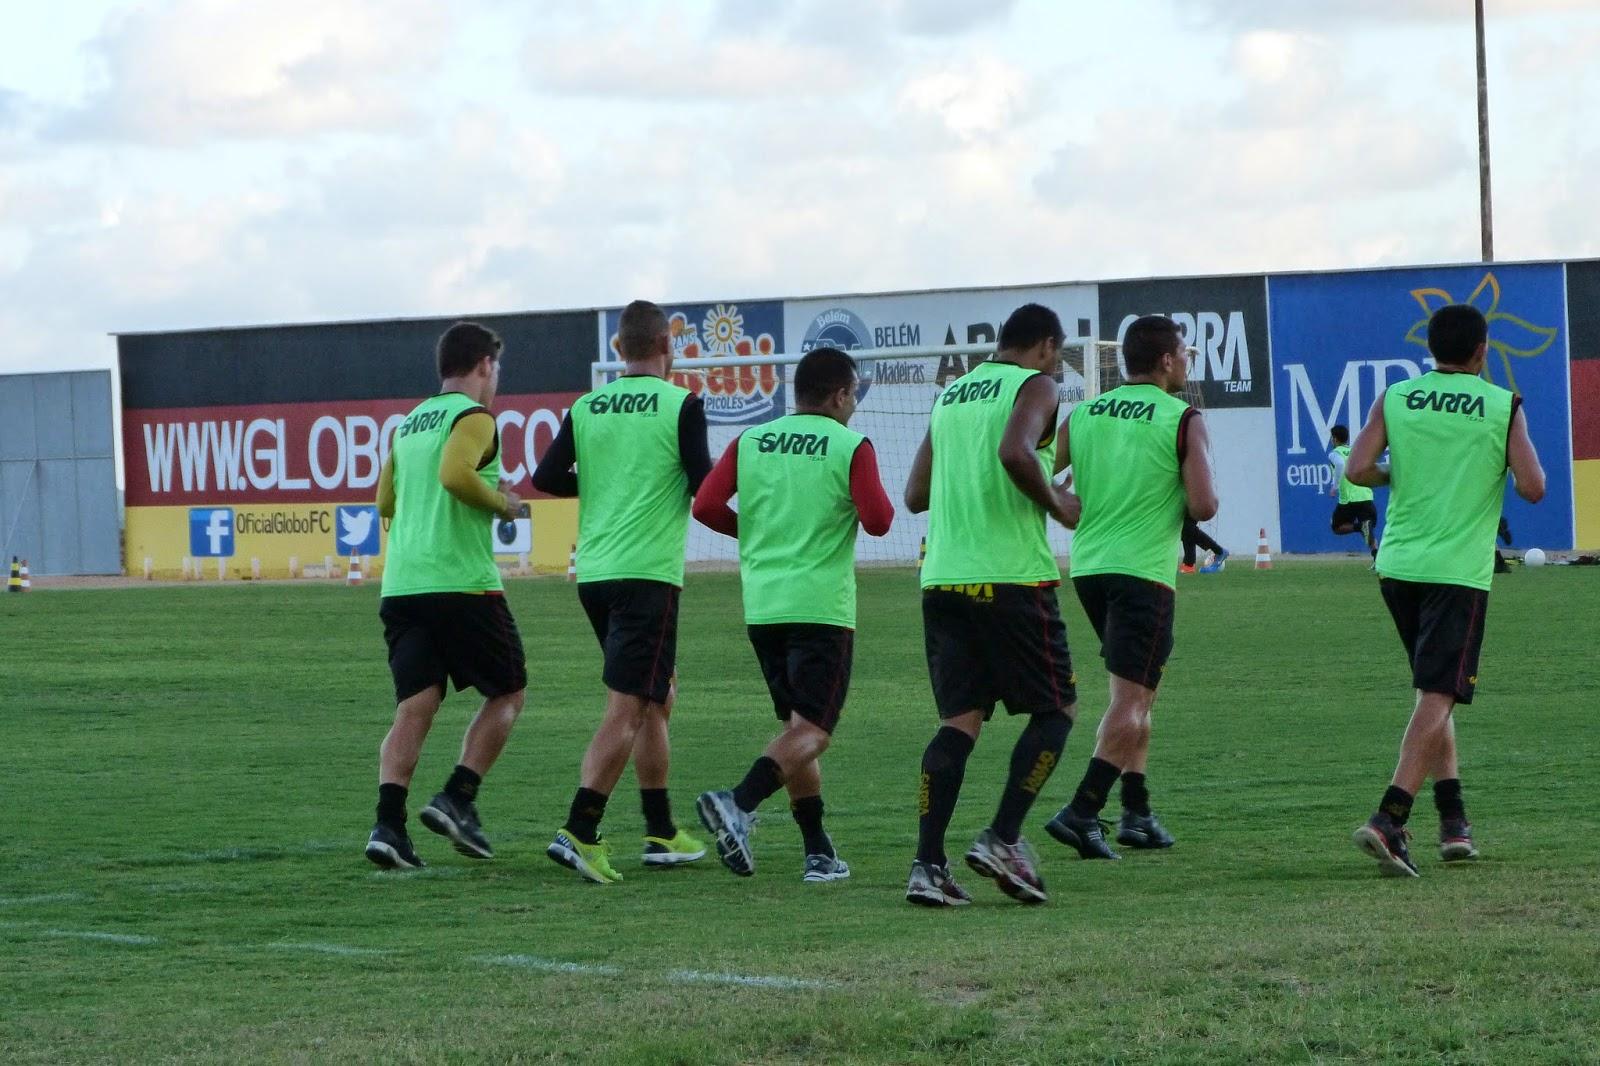 Jogadores do Globo começaram os treinamentos visando início da preparação  para as competições que acontecerão em 2015. Time do  Ninho da Águia   participará ... 9c4a3a5408f51